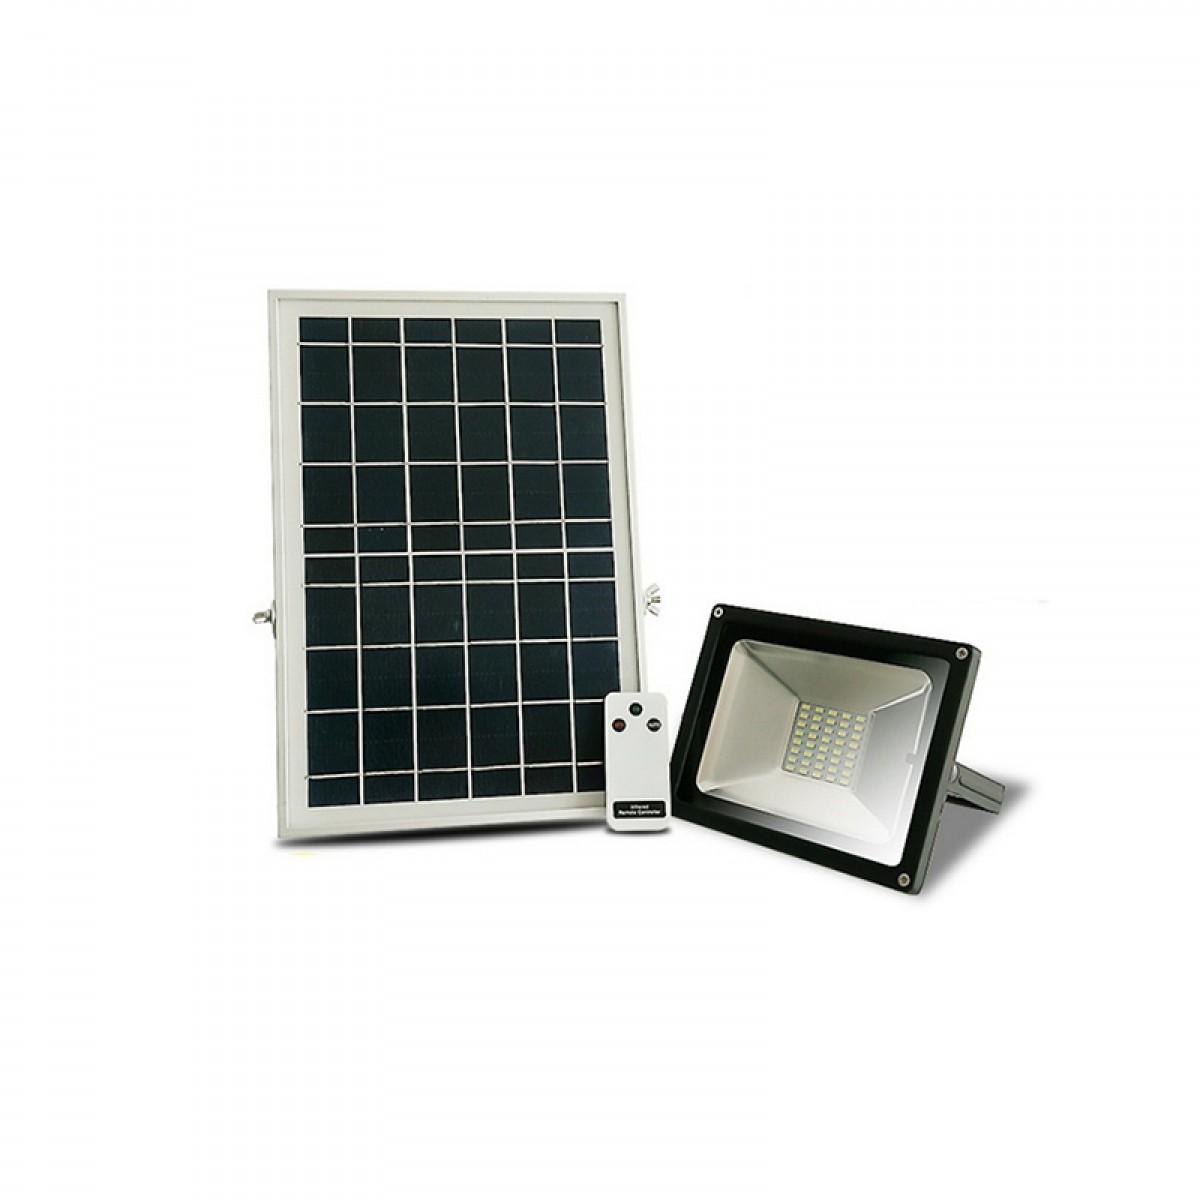 Ηλιακός προβολέας ανάβει μόλις νυχτώσει και σβήνει όταν ξημερώσει εξωτερικού χώρου IP 65 20W με 25 ισχυρά SMD LED + Τηλεχειριστήριο ON - OFF + Επιλογή αυτόματου φωτισμού το βράδυ